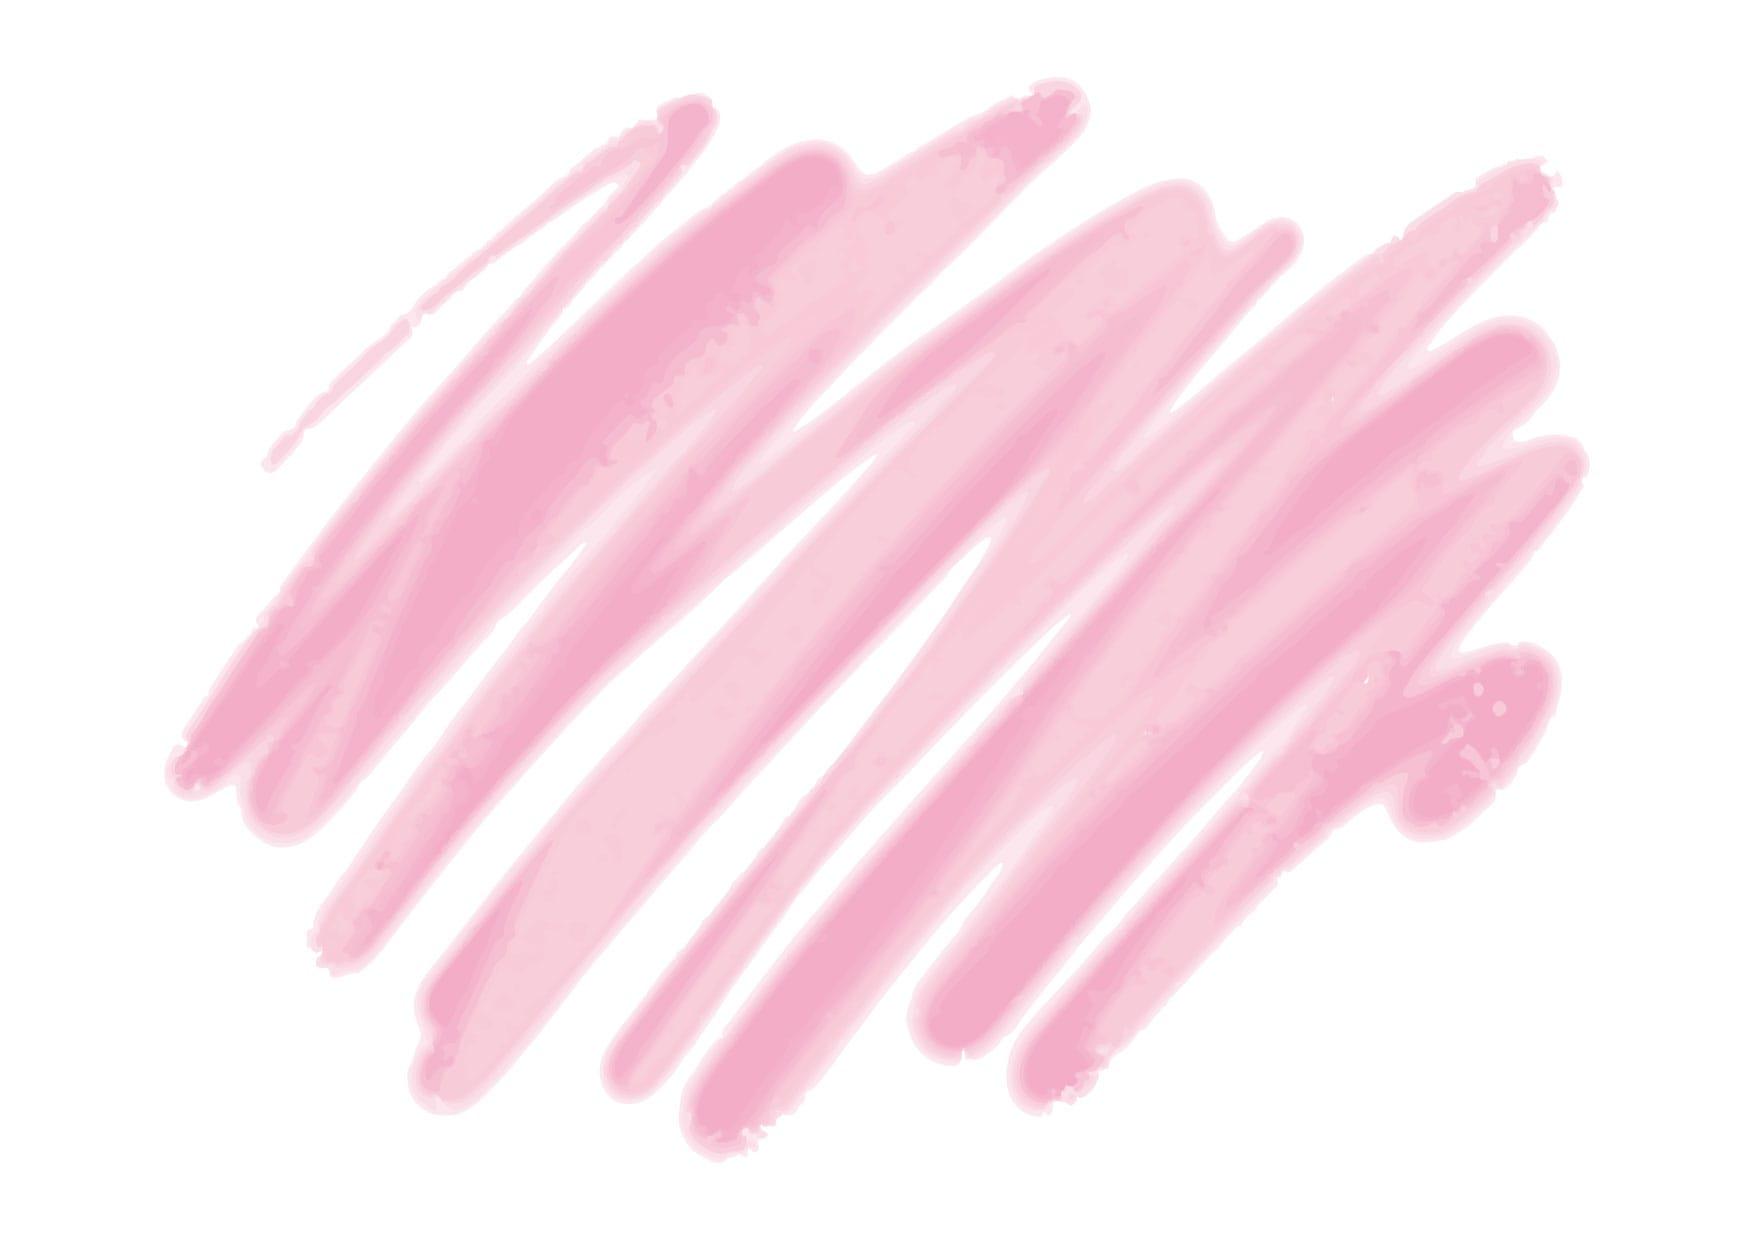 可愛いイラスト無料|水彩 落書き 背景 ピンク色 − free illustration  Watercolor graffiti background pink